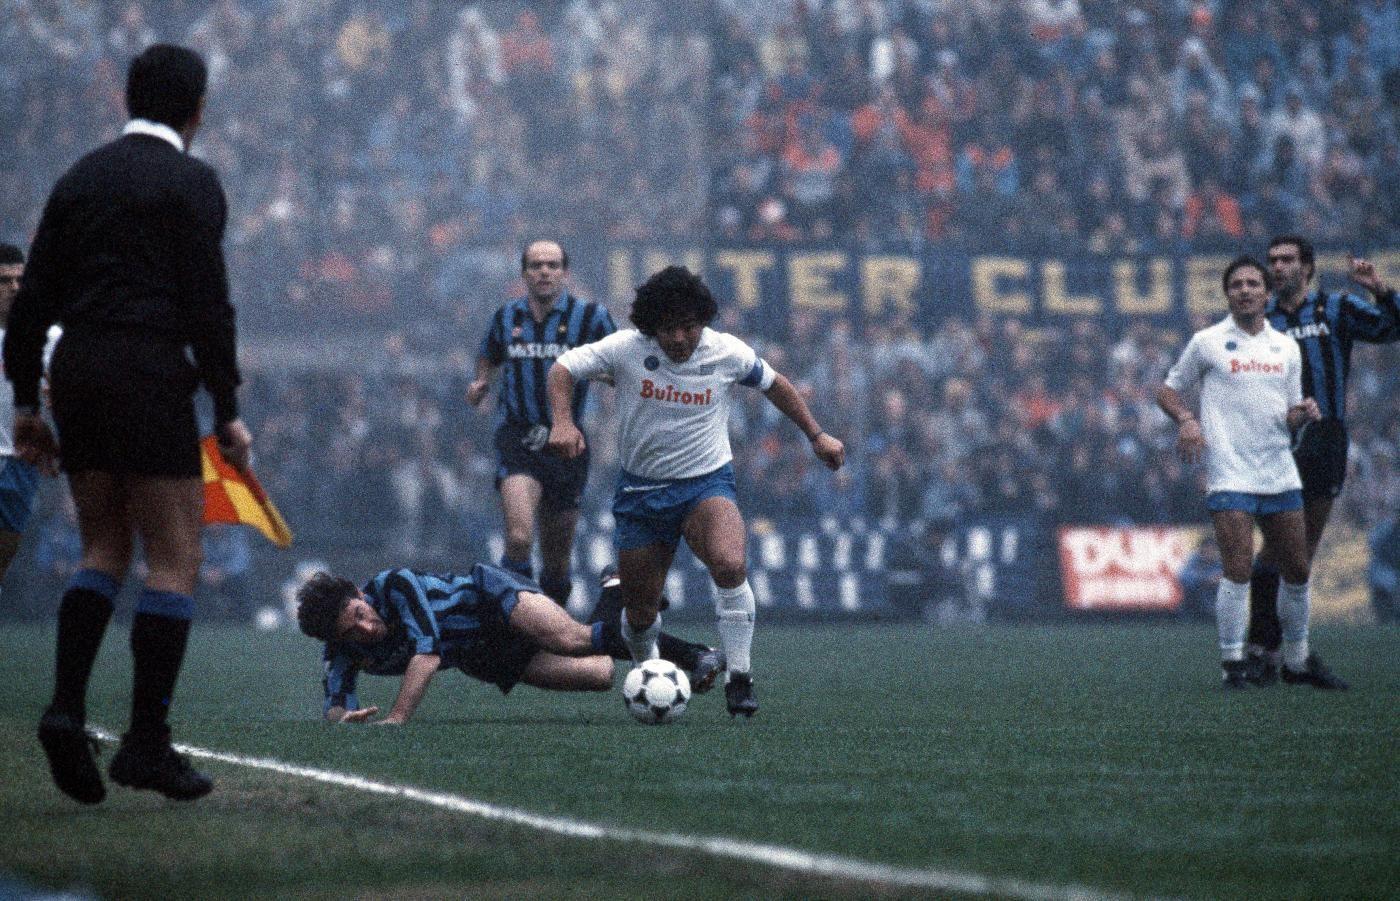 Napoli-Inter: sfide epiche e curiosità